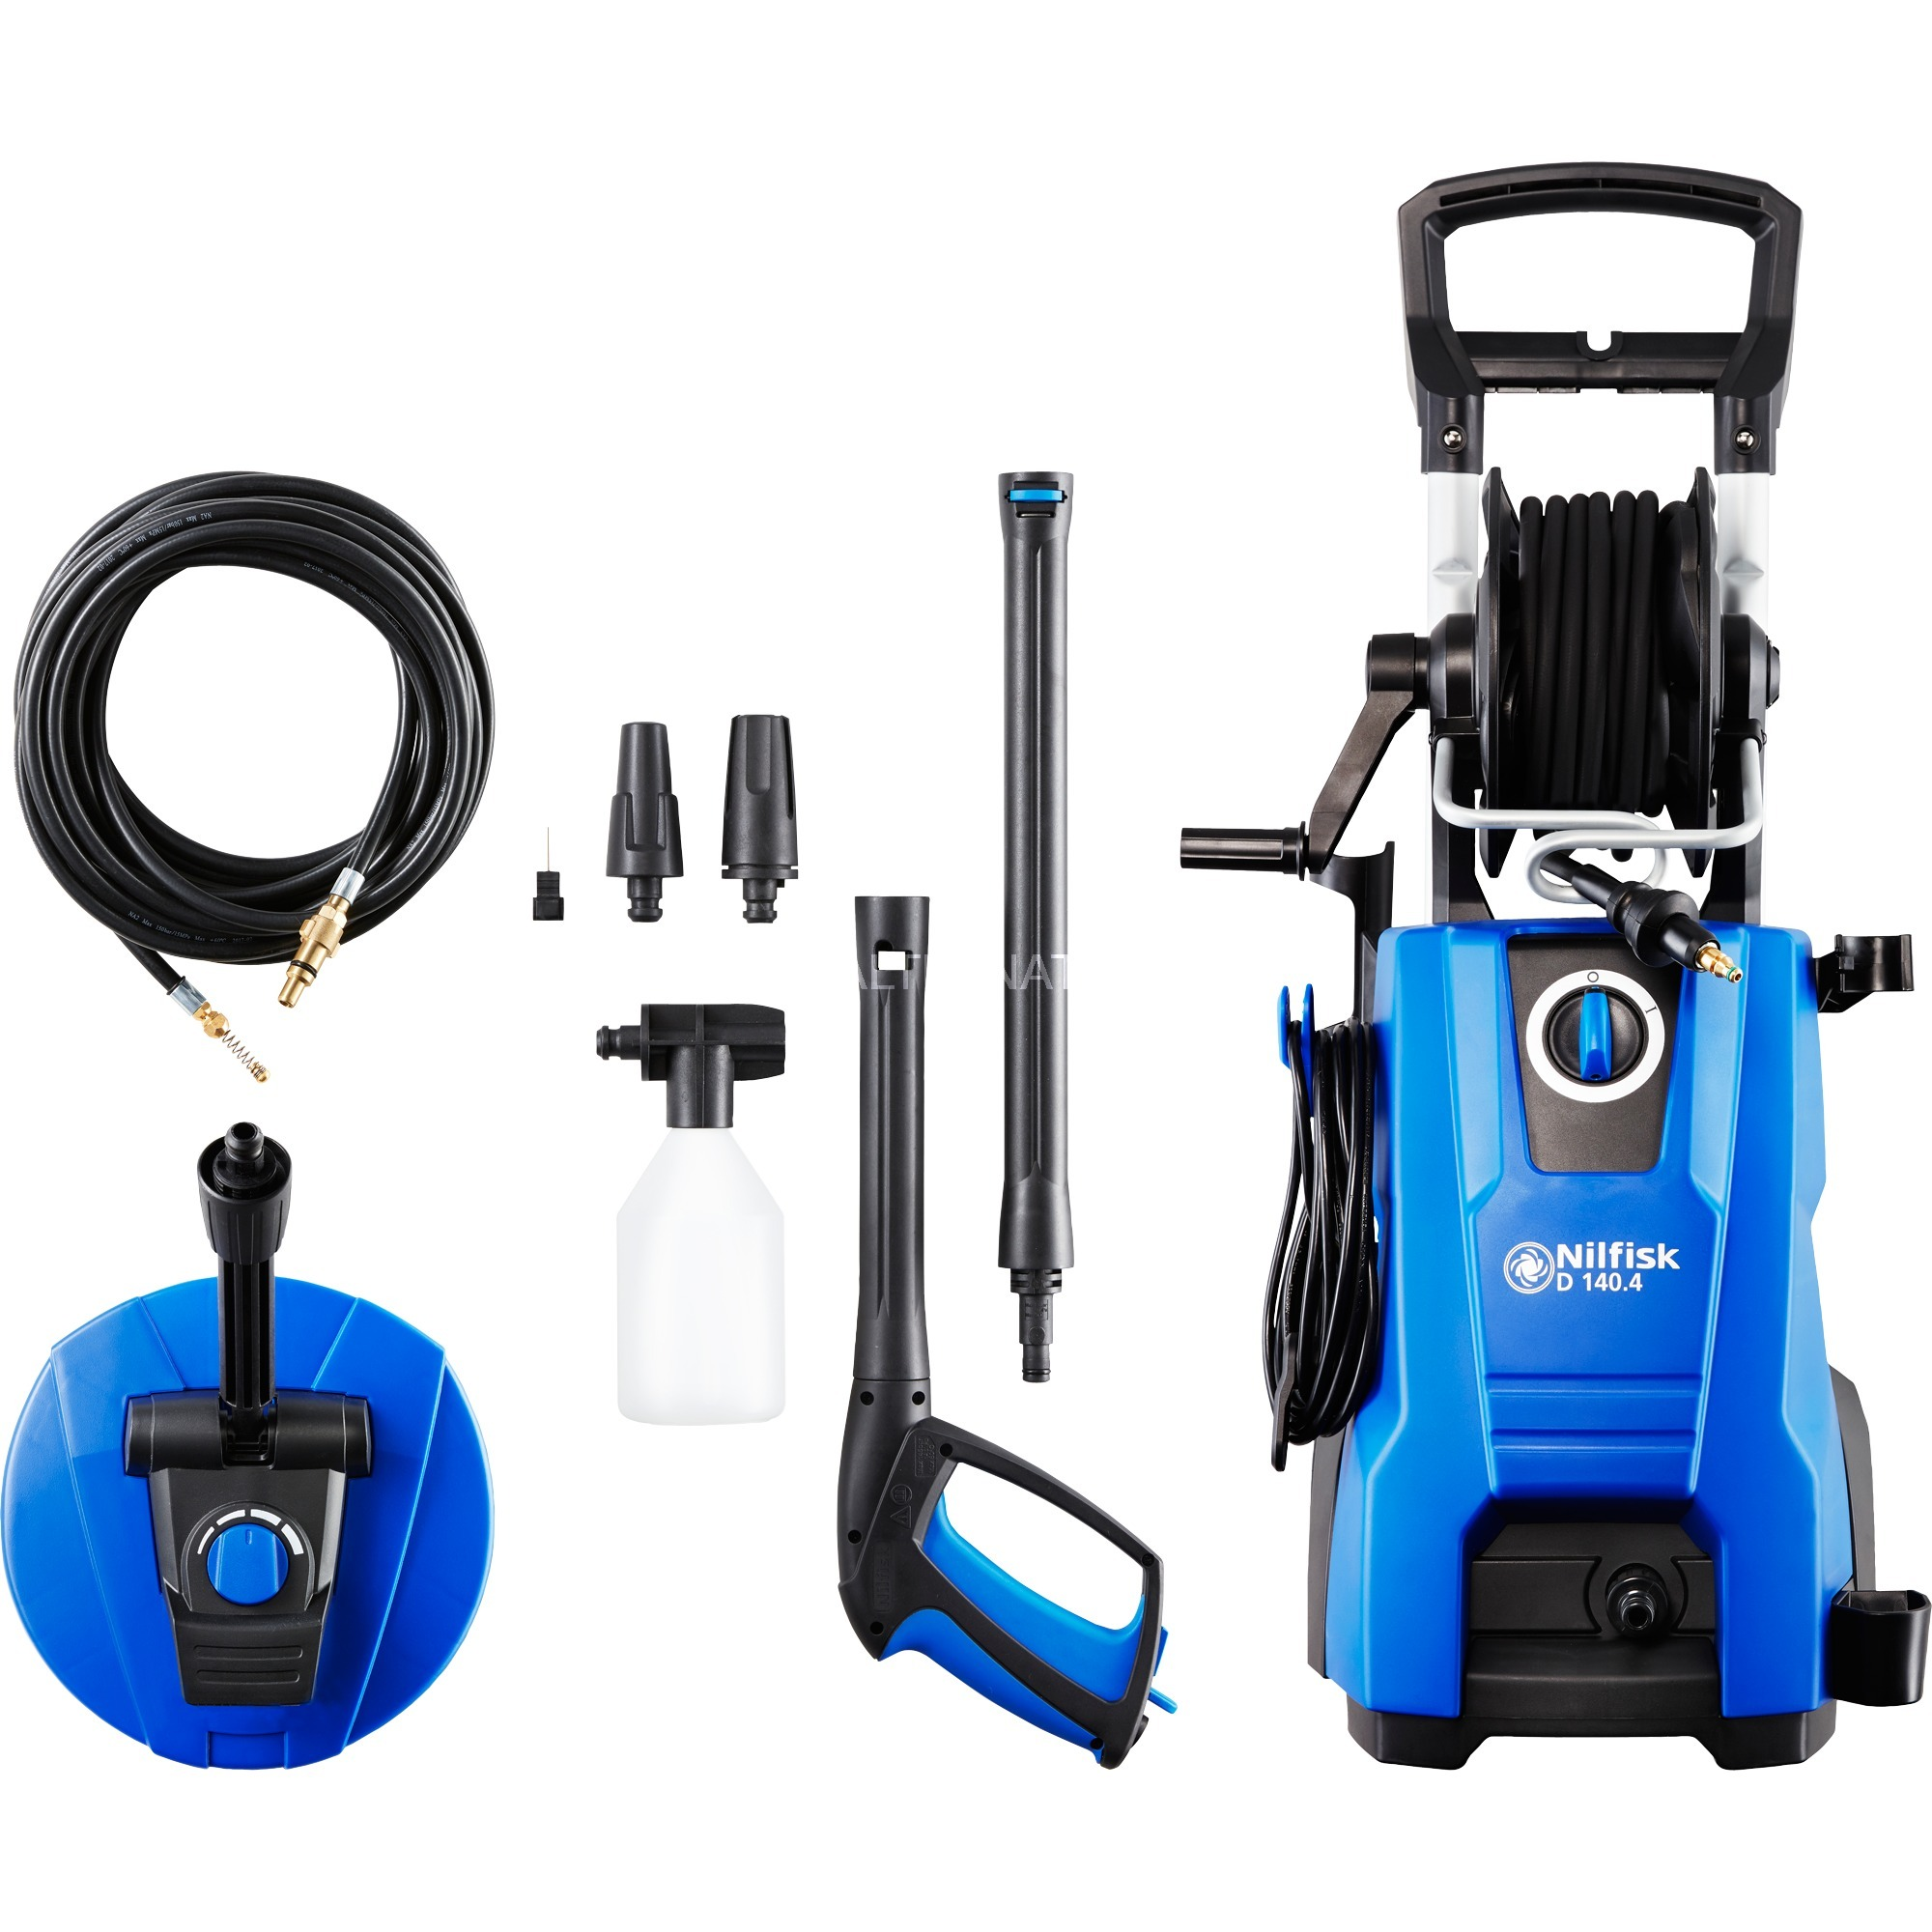 D 140.4 Compacto Eléctrico 550l/h 2400W Negro, Azul Limpiadora de alta presión o Hidrolimpiadora, Hidrolimpiadora de alta presión